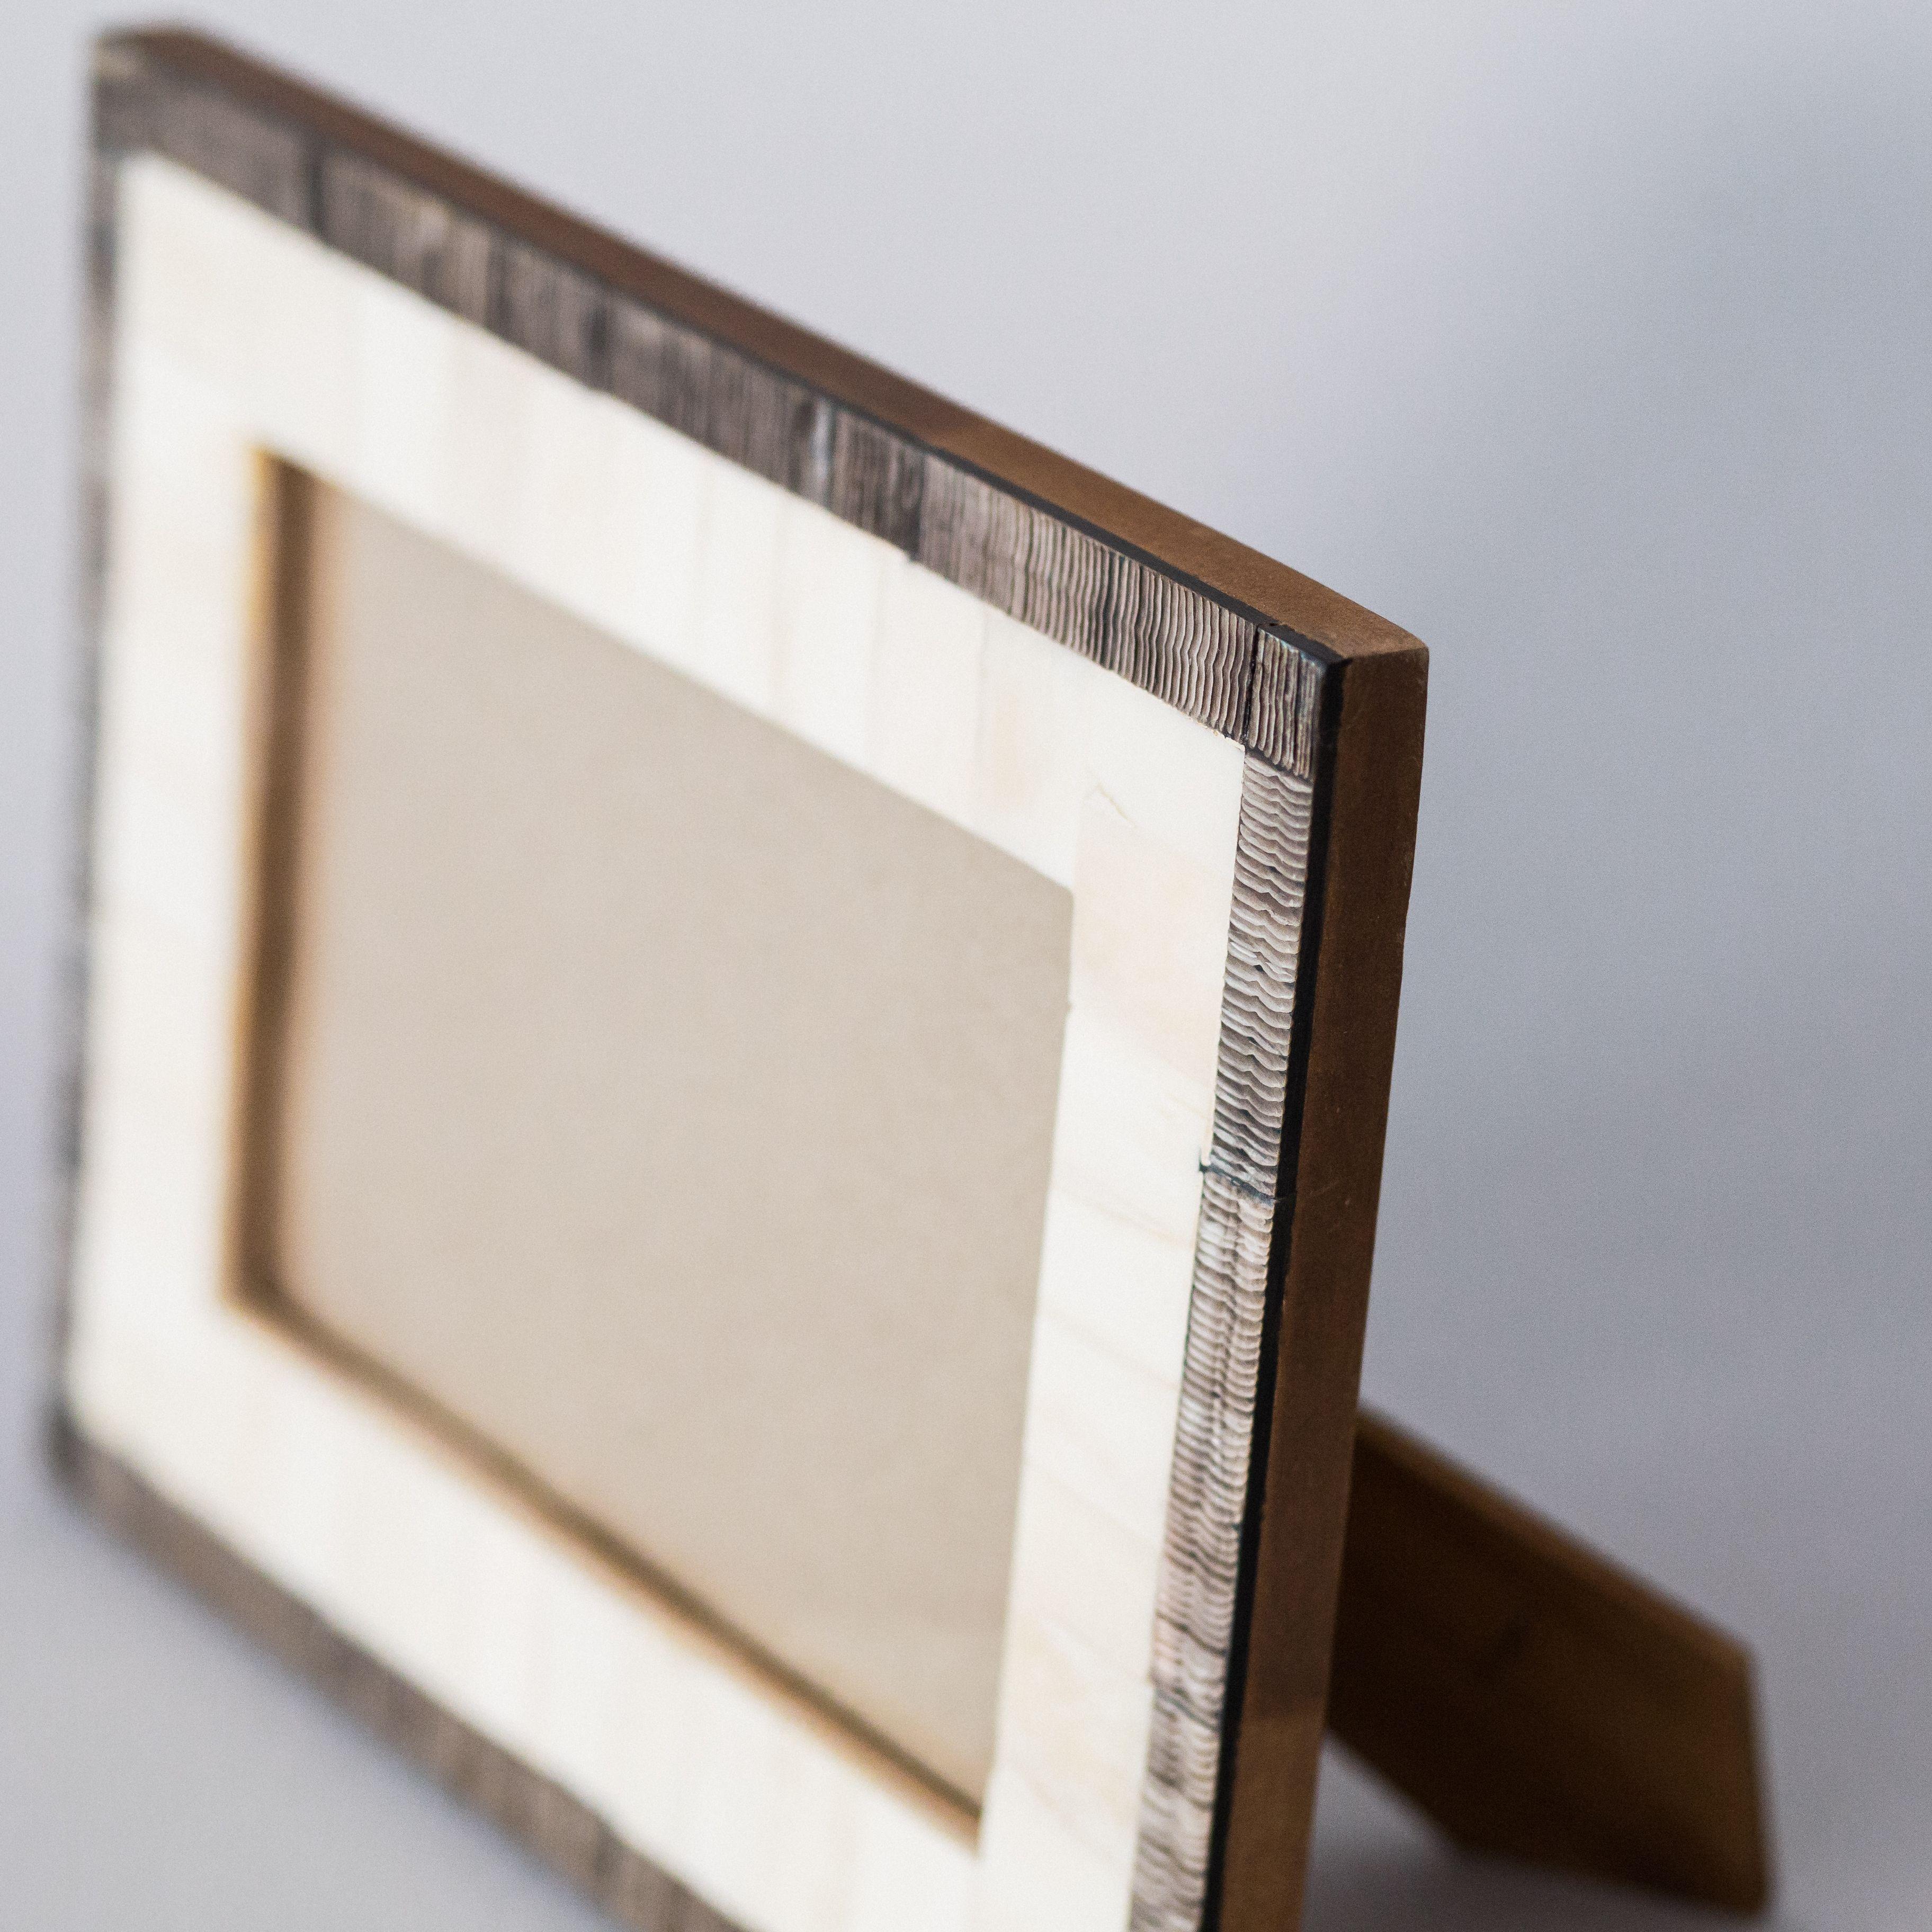 Simple Espresso Cream Frame 5x7 Frame Espresso And Cream Frame Tray 5 x 7 picture frames